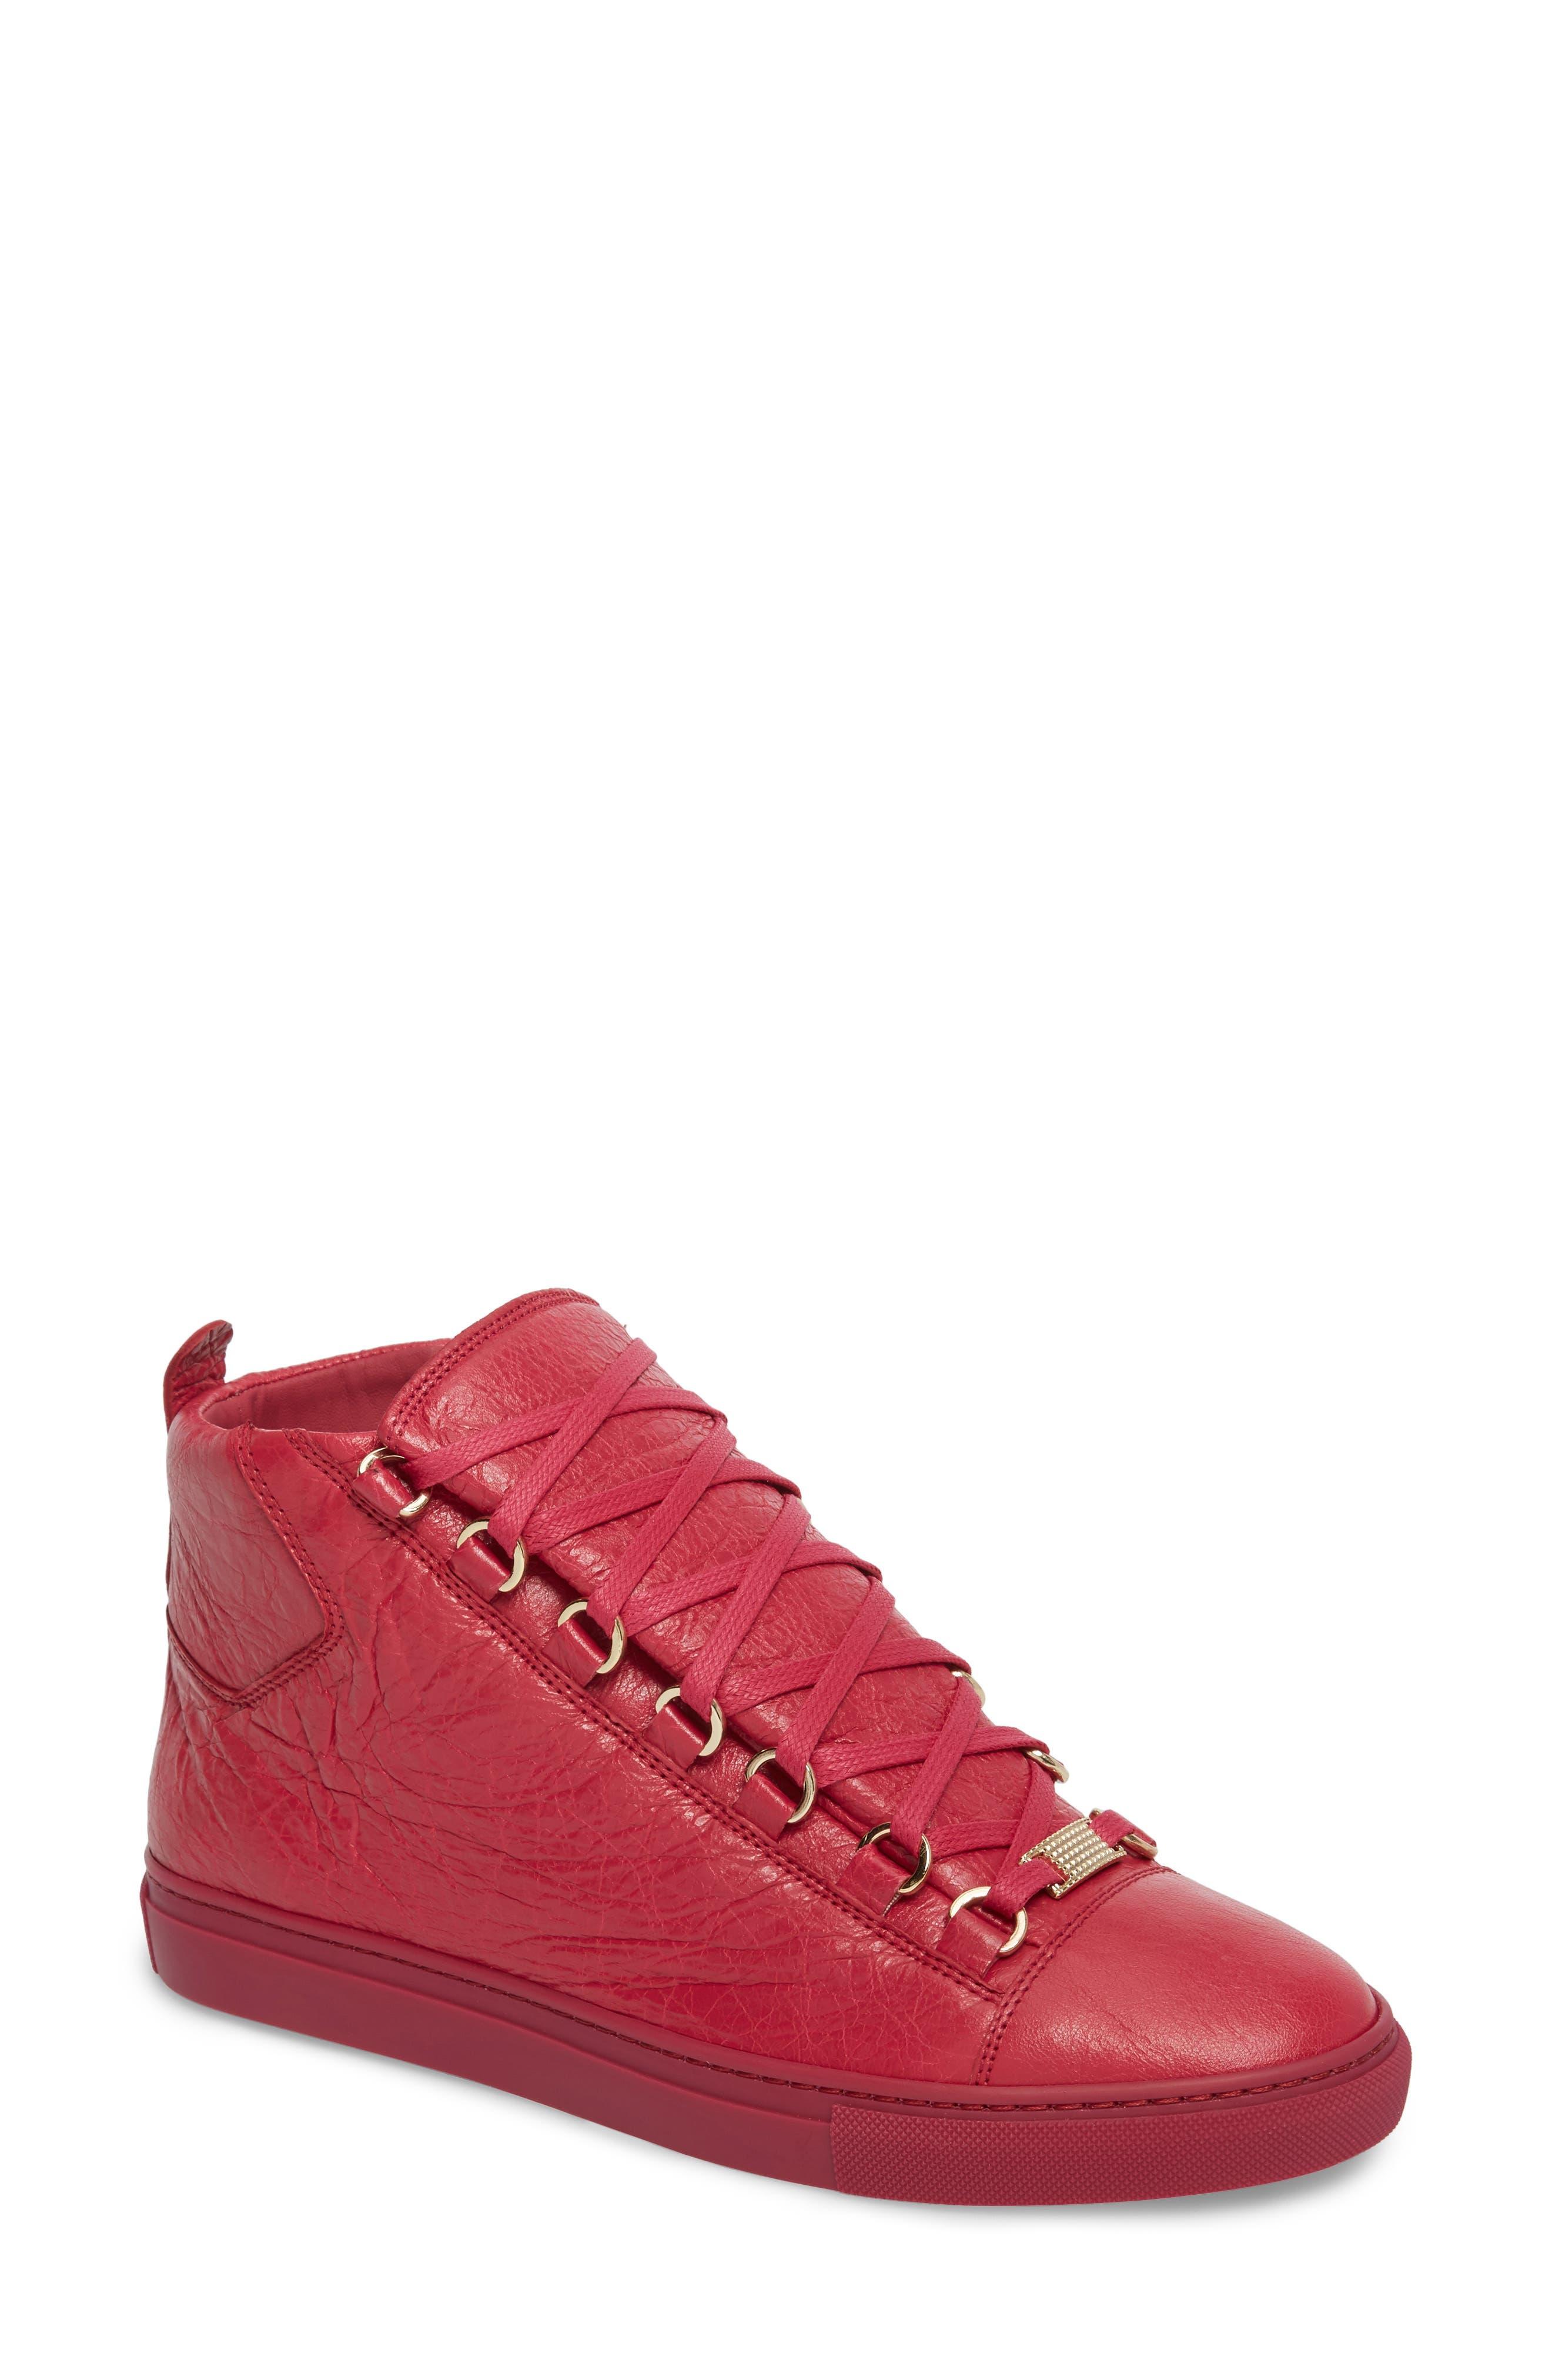 BALENCIAGA High Top Sneaker, Main, color, 600